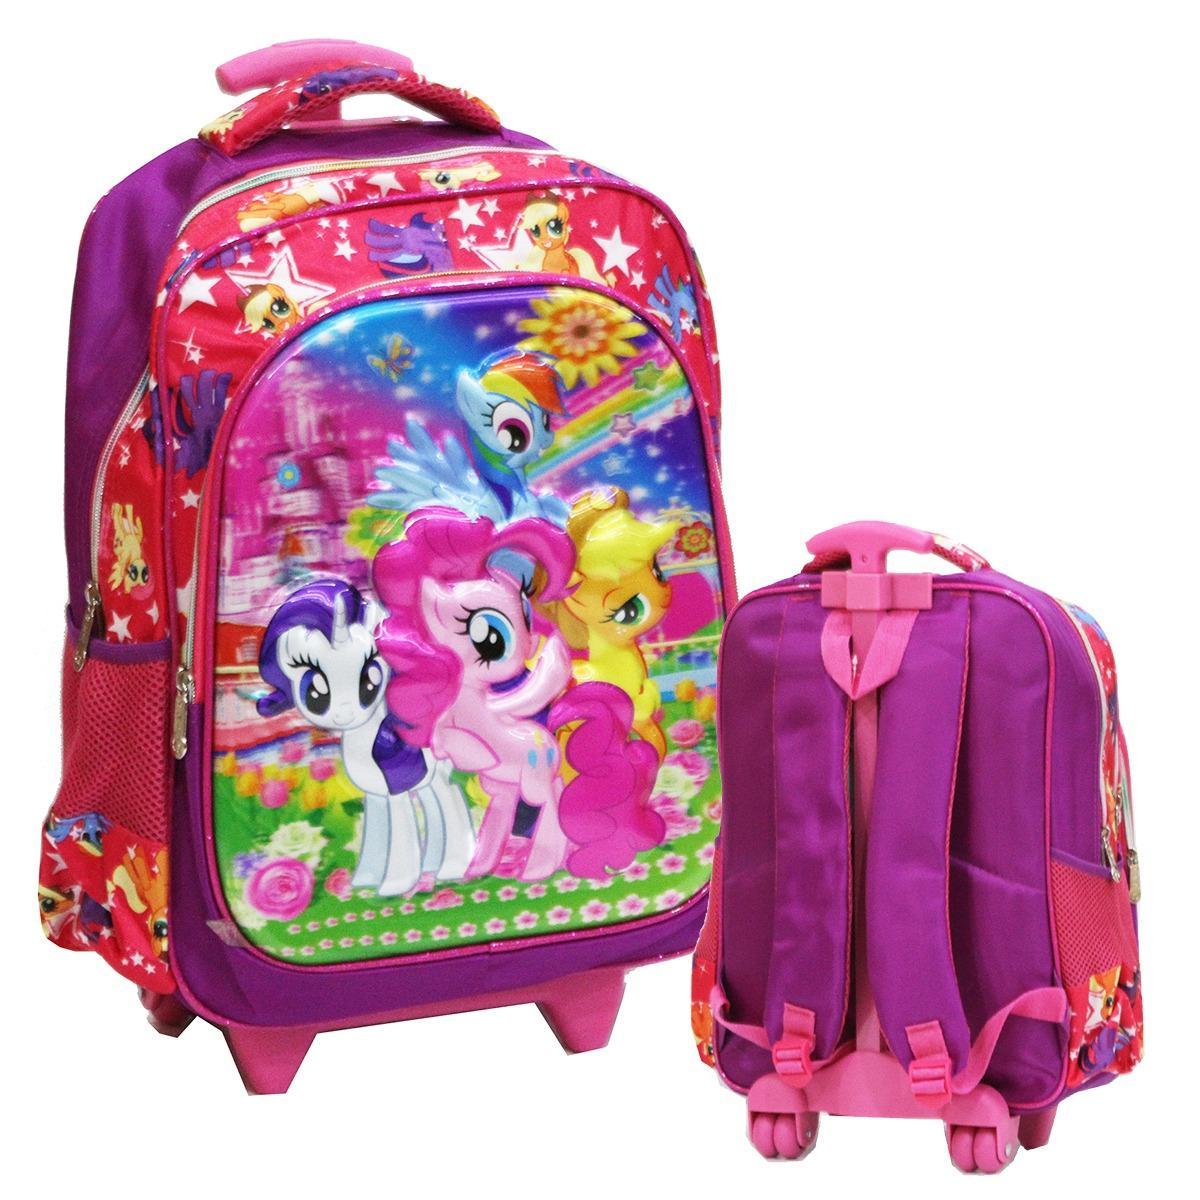 Toko Onlan My Little Pony 5D Tas Anak Sekolah Sd New Model Termurah Dki Jakarta